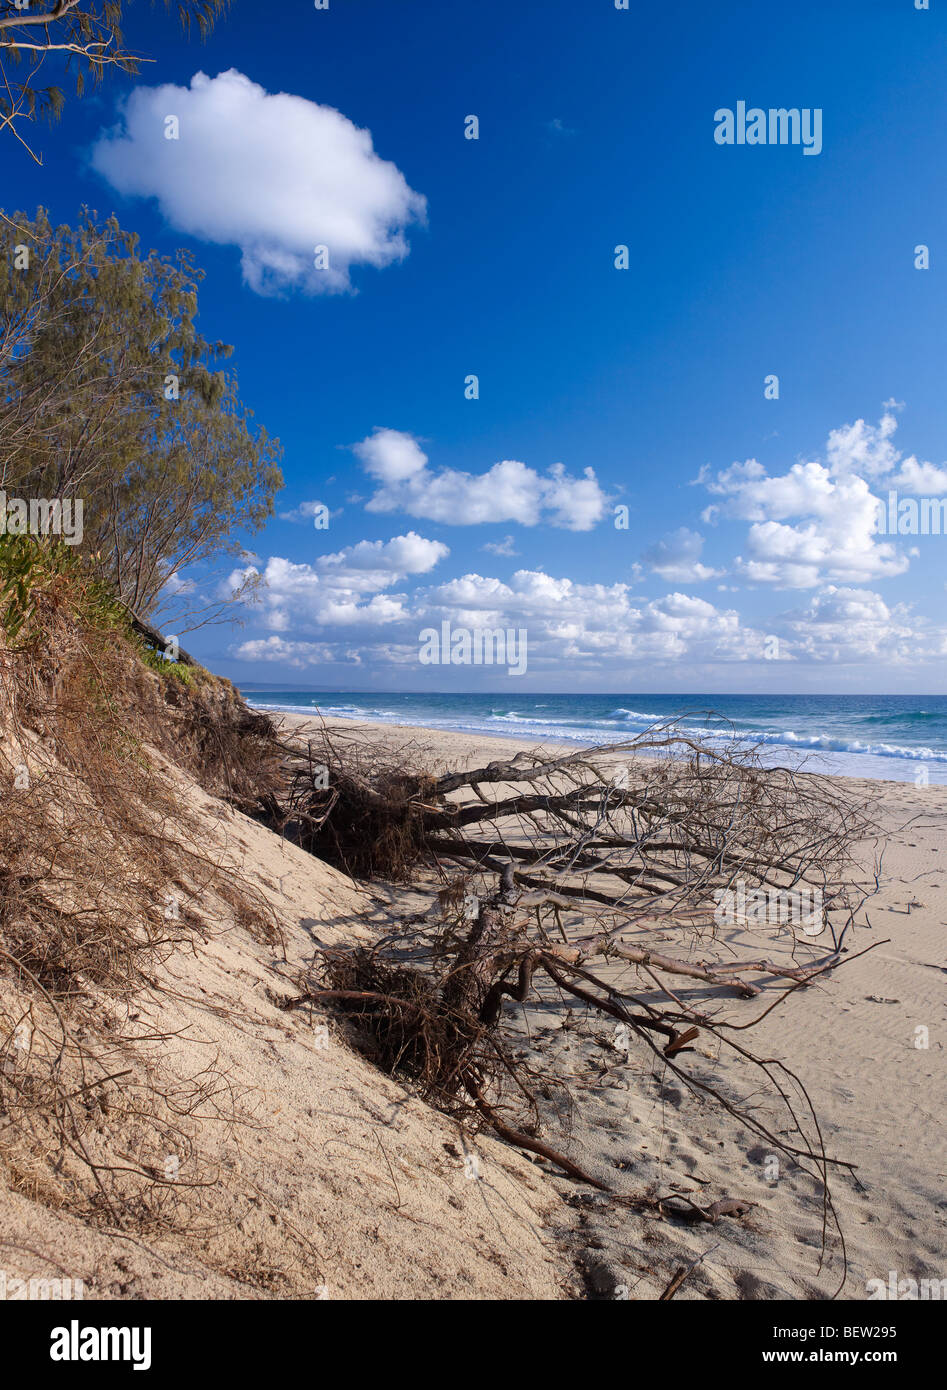 Strand-Erosion auf Rainbow Beach Queensland Australien vom Anstieg des Meeresspiegels Stockbild